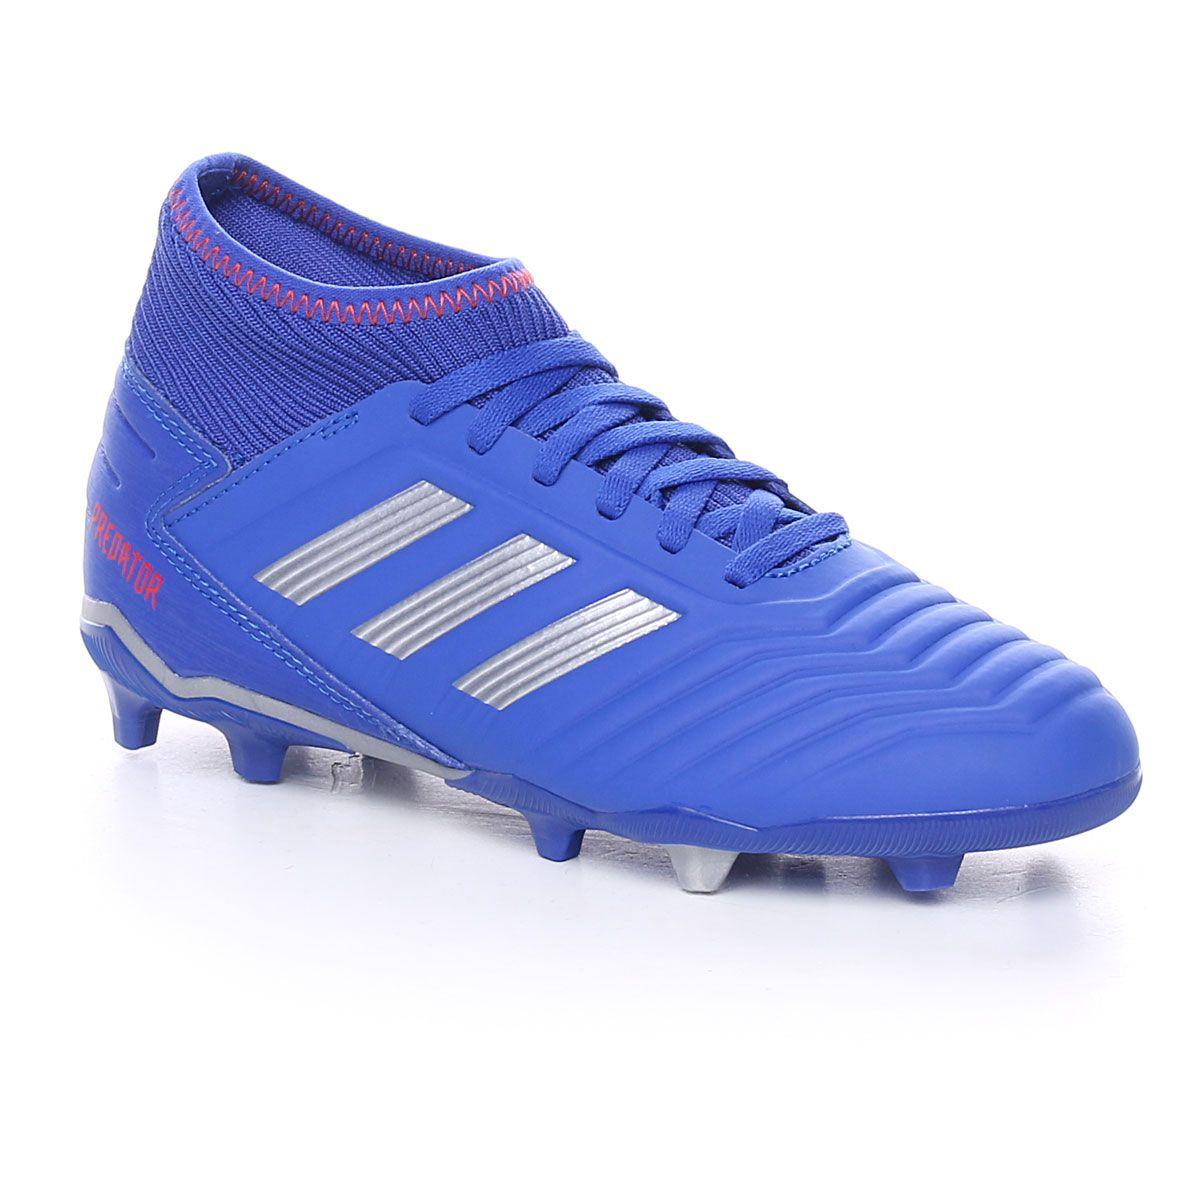 adidas Predator 19.3 Fg J Bold Blue